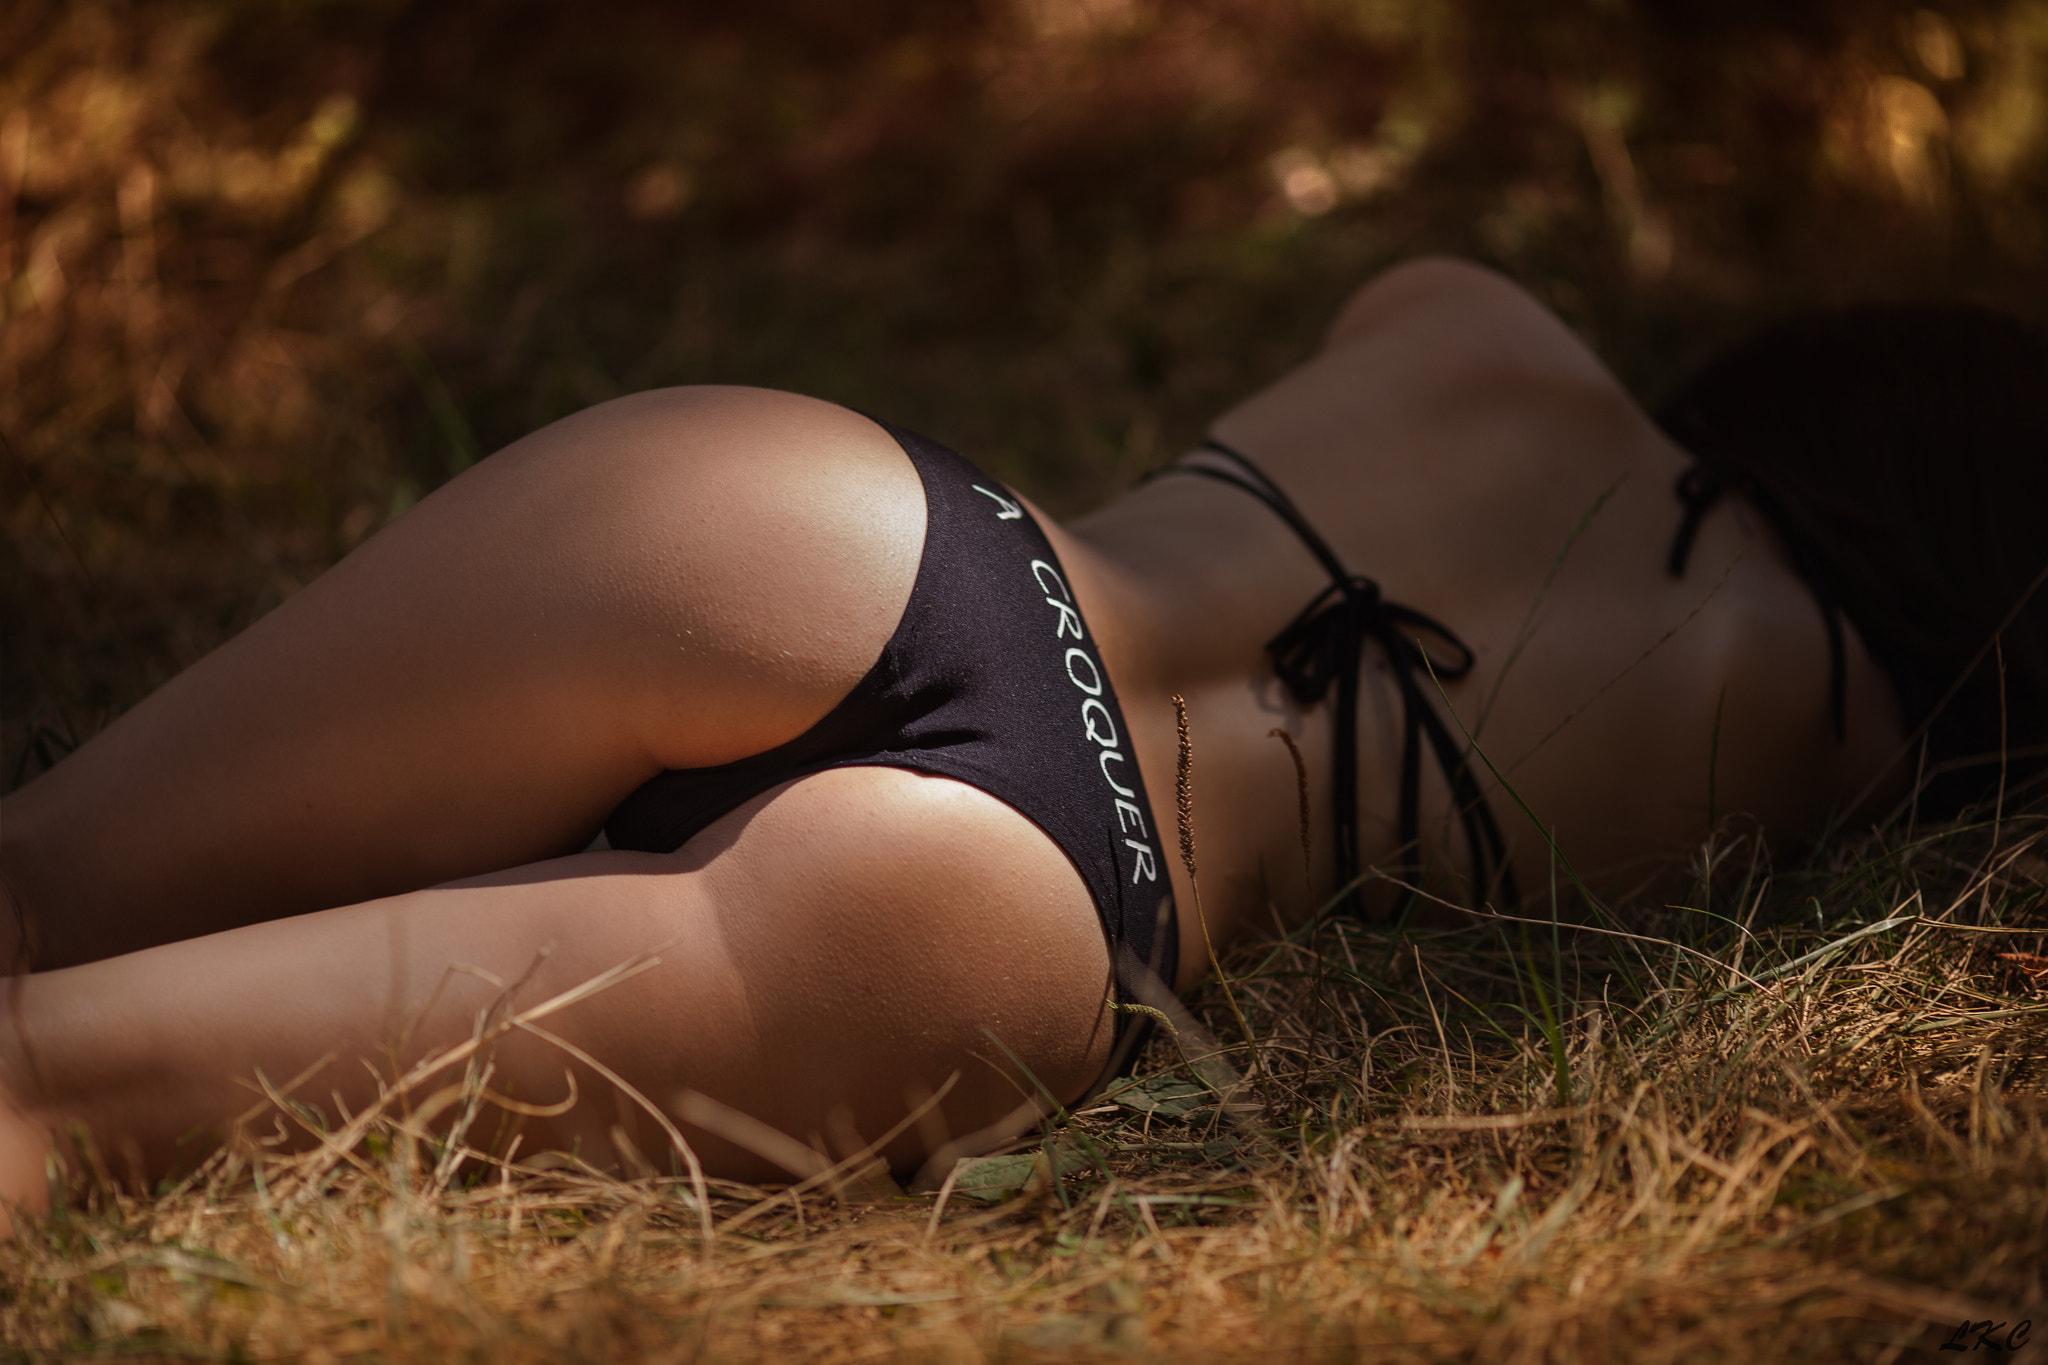 Nude And Naked Girl World Wonderful Photo